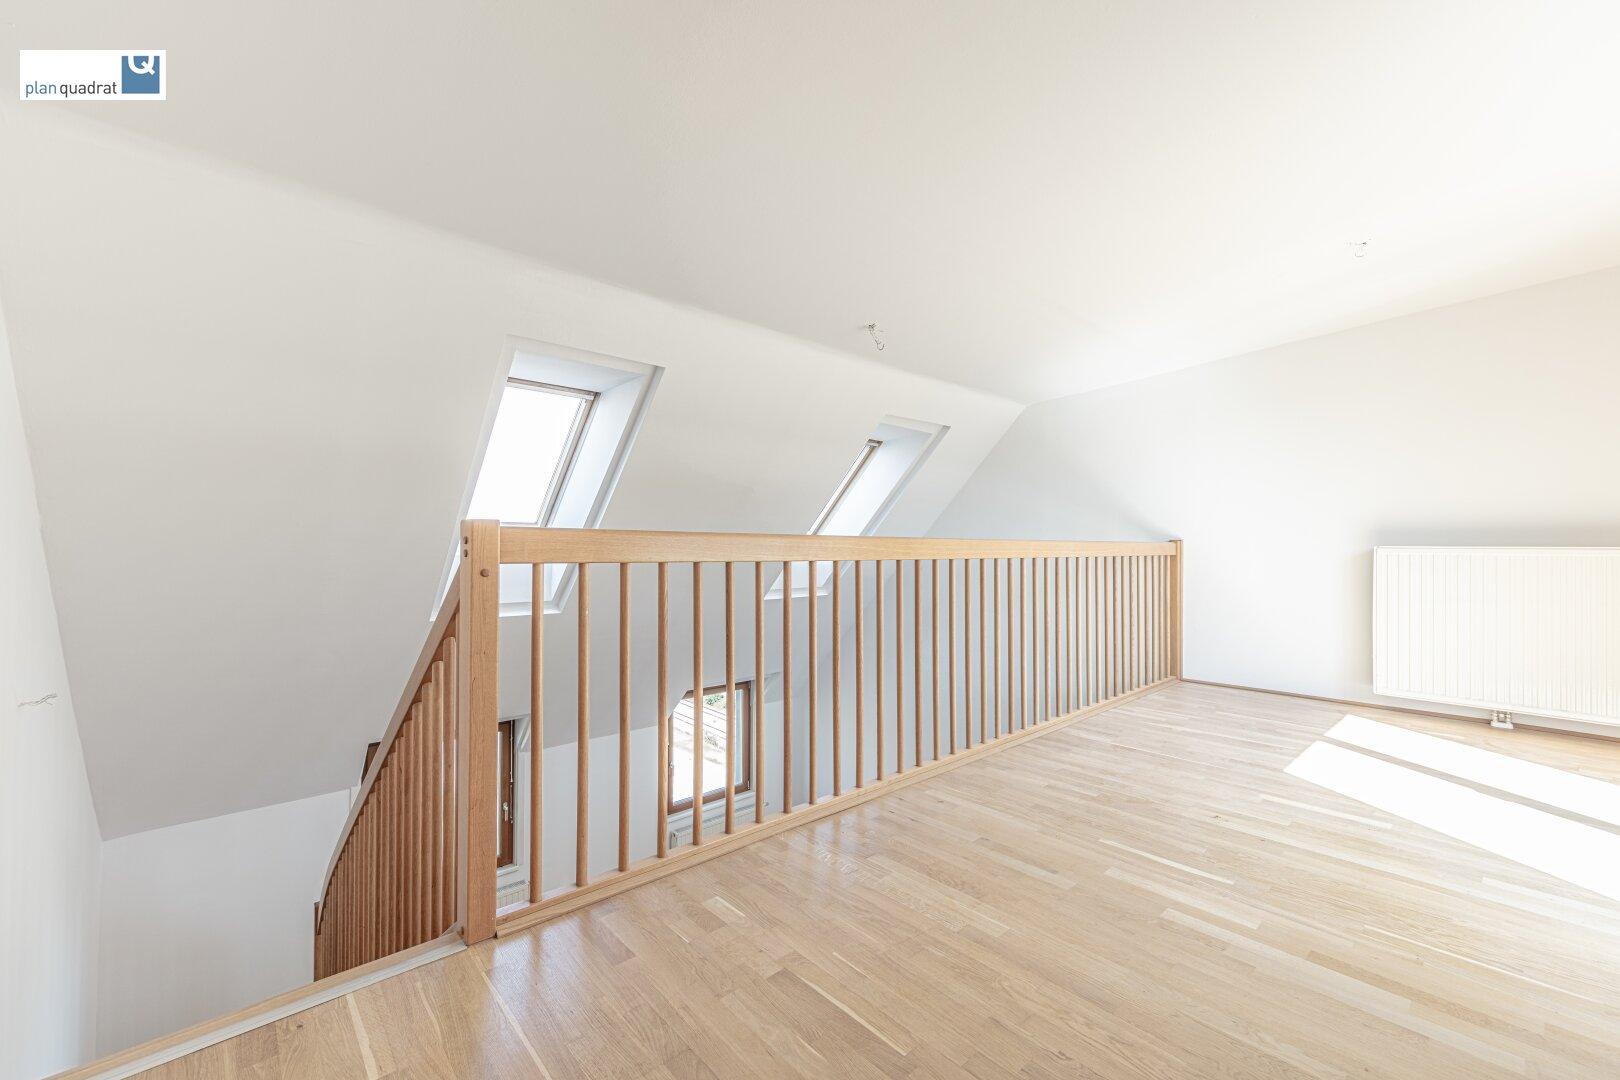 Galerie (ca. 14,70 m²)